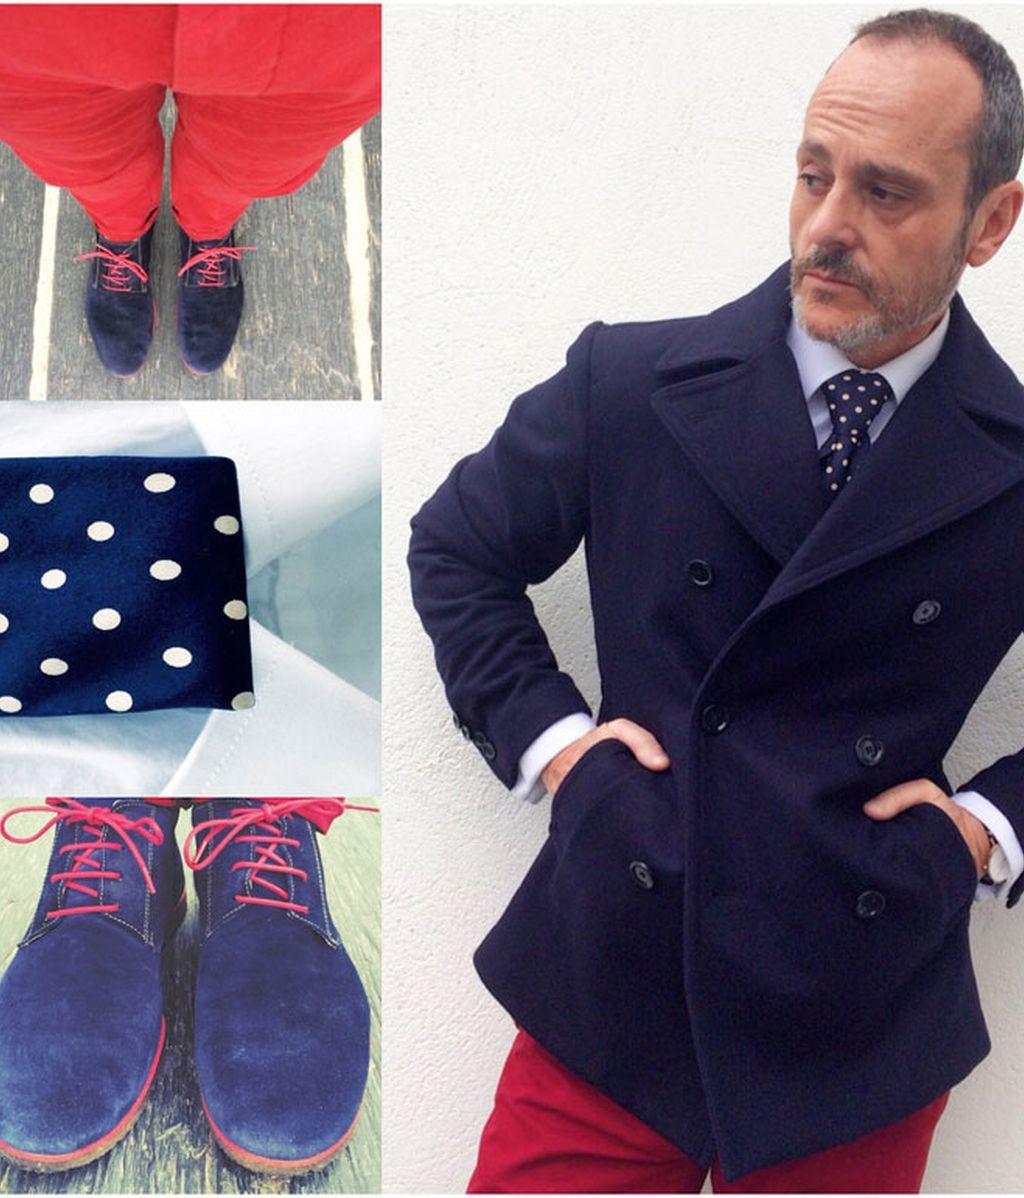 Marino&Rojo.  Chaquetones marineros cortos para días fríos de primavera (15/04/2015)